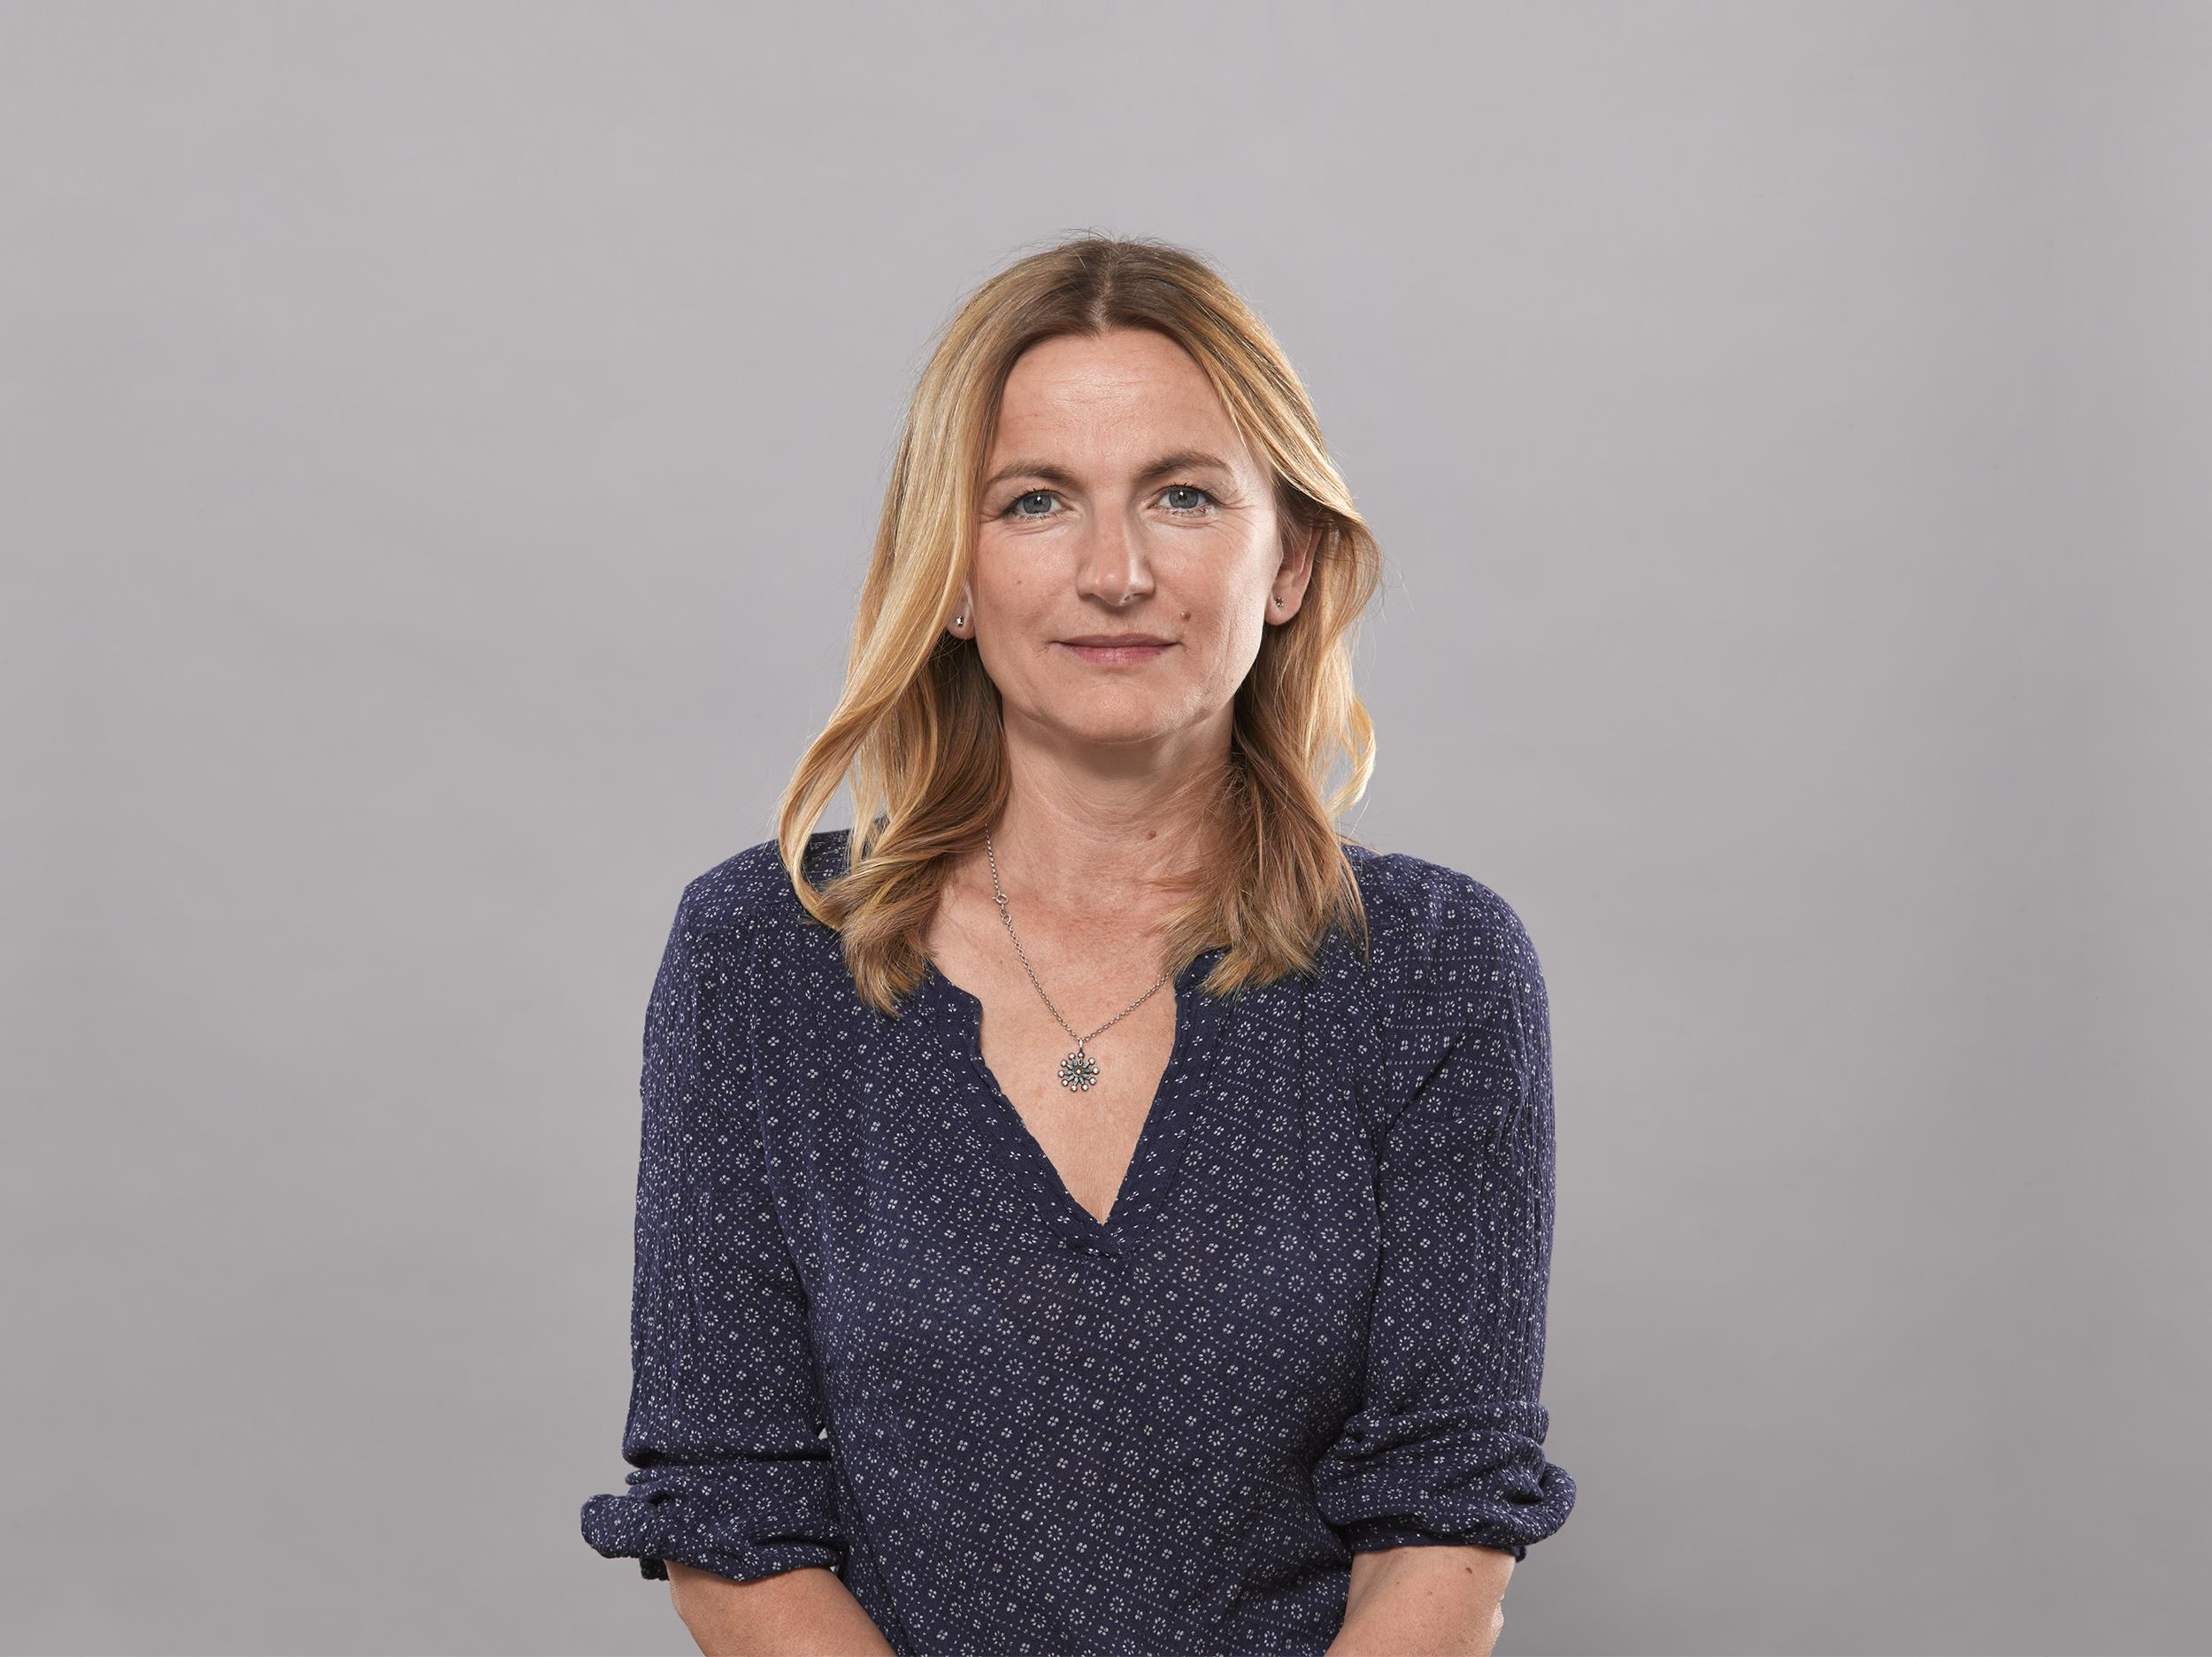 Judith Ruzicka-Grote